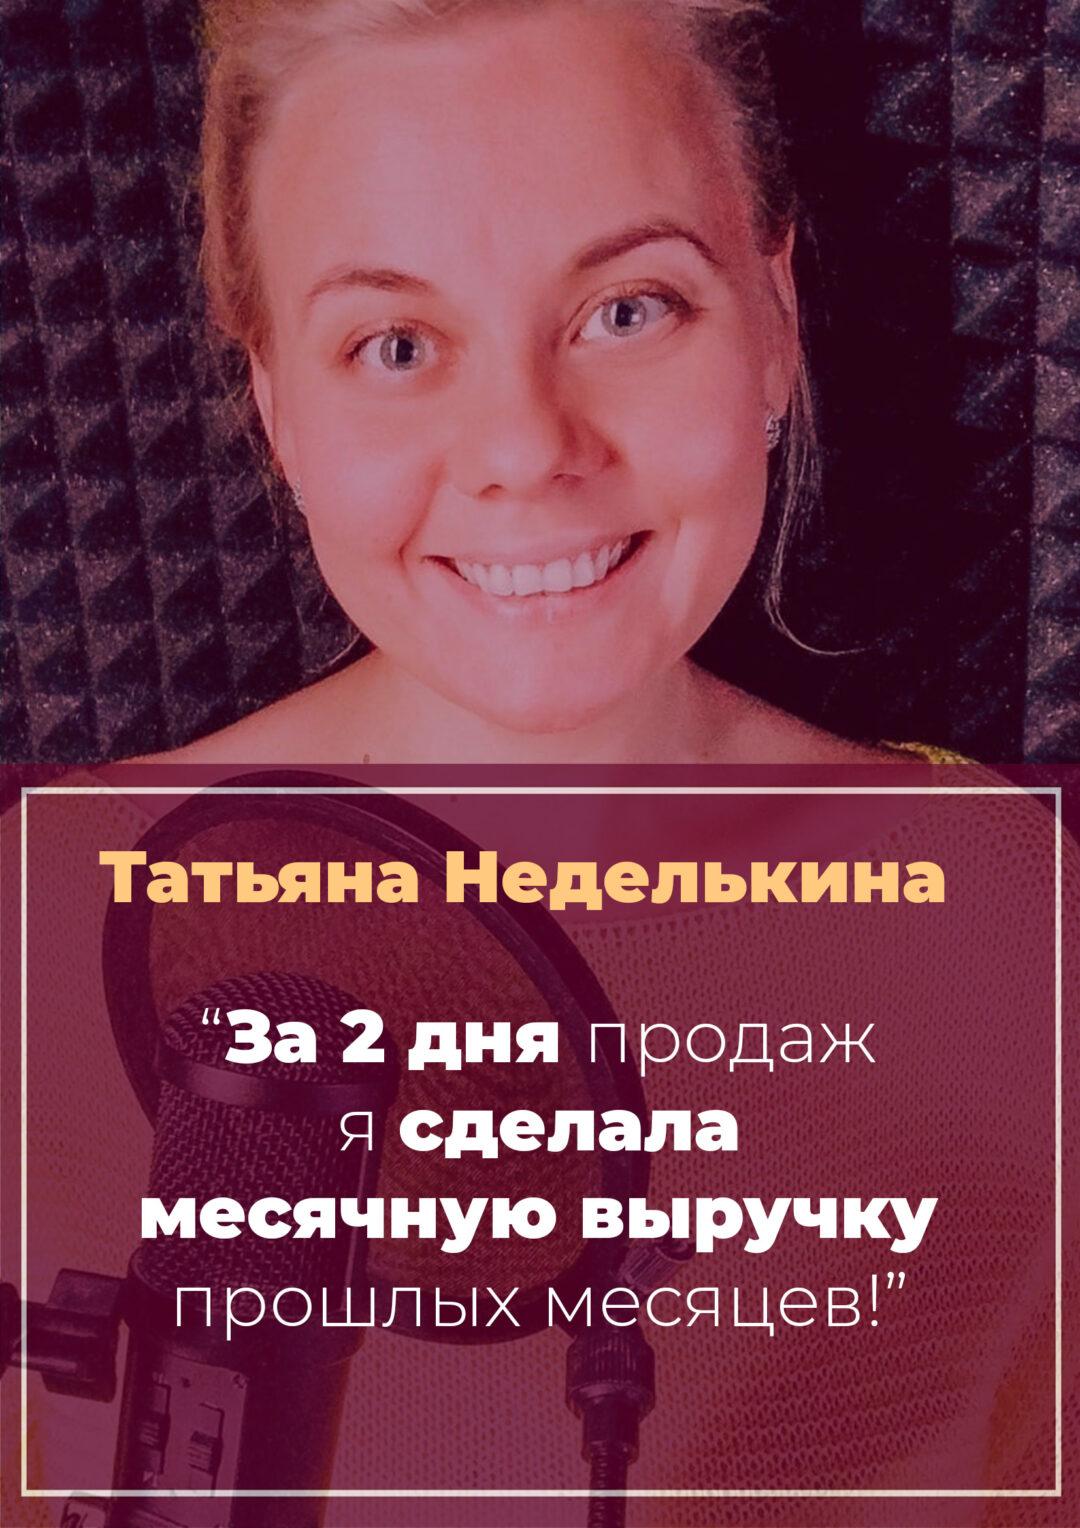 История Татьяны Неделькиной